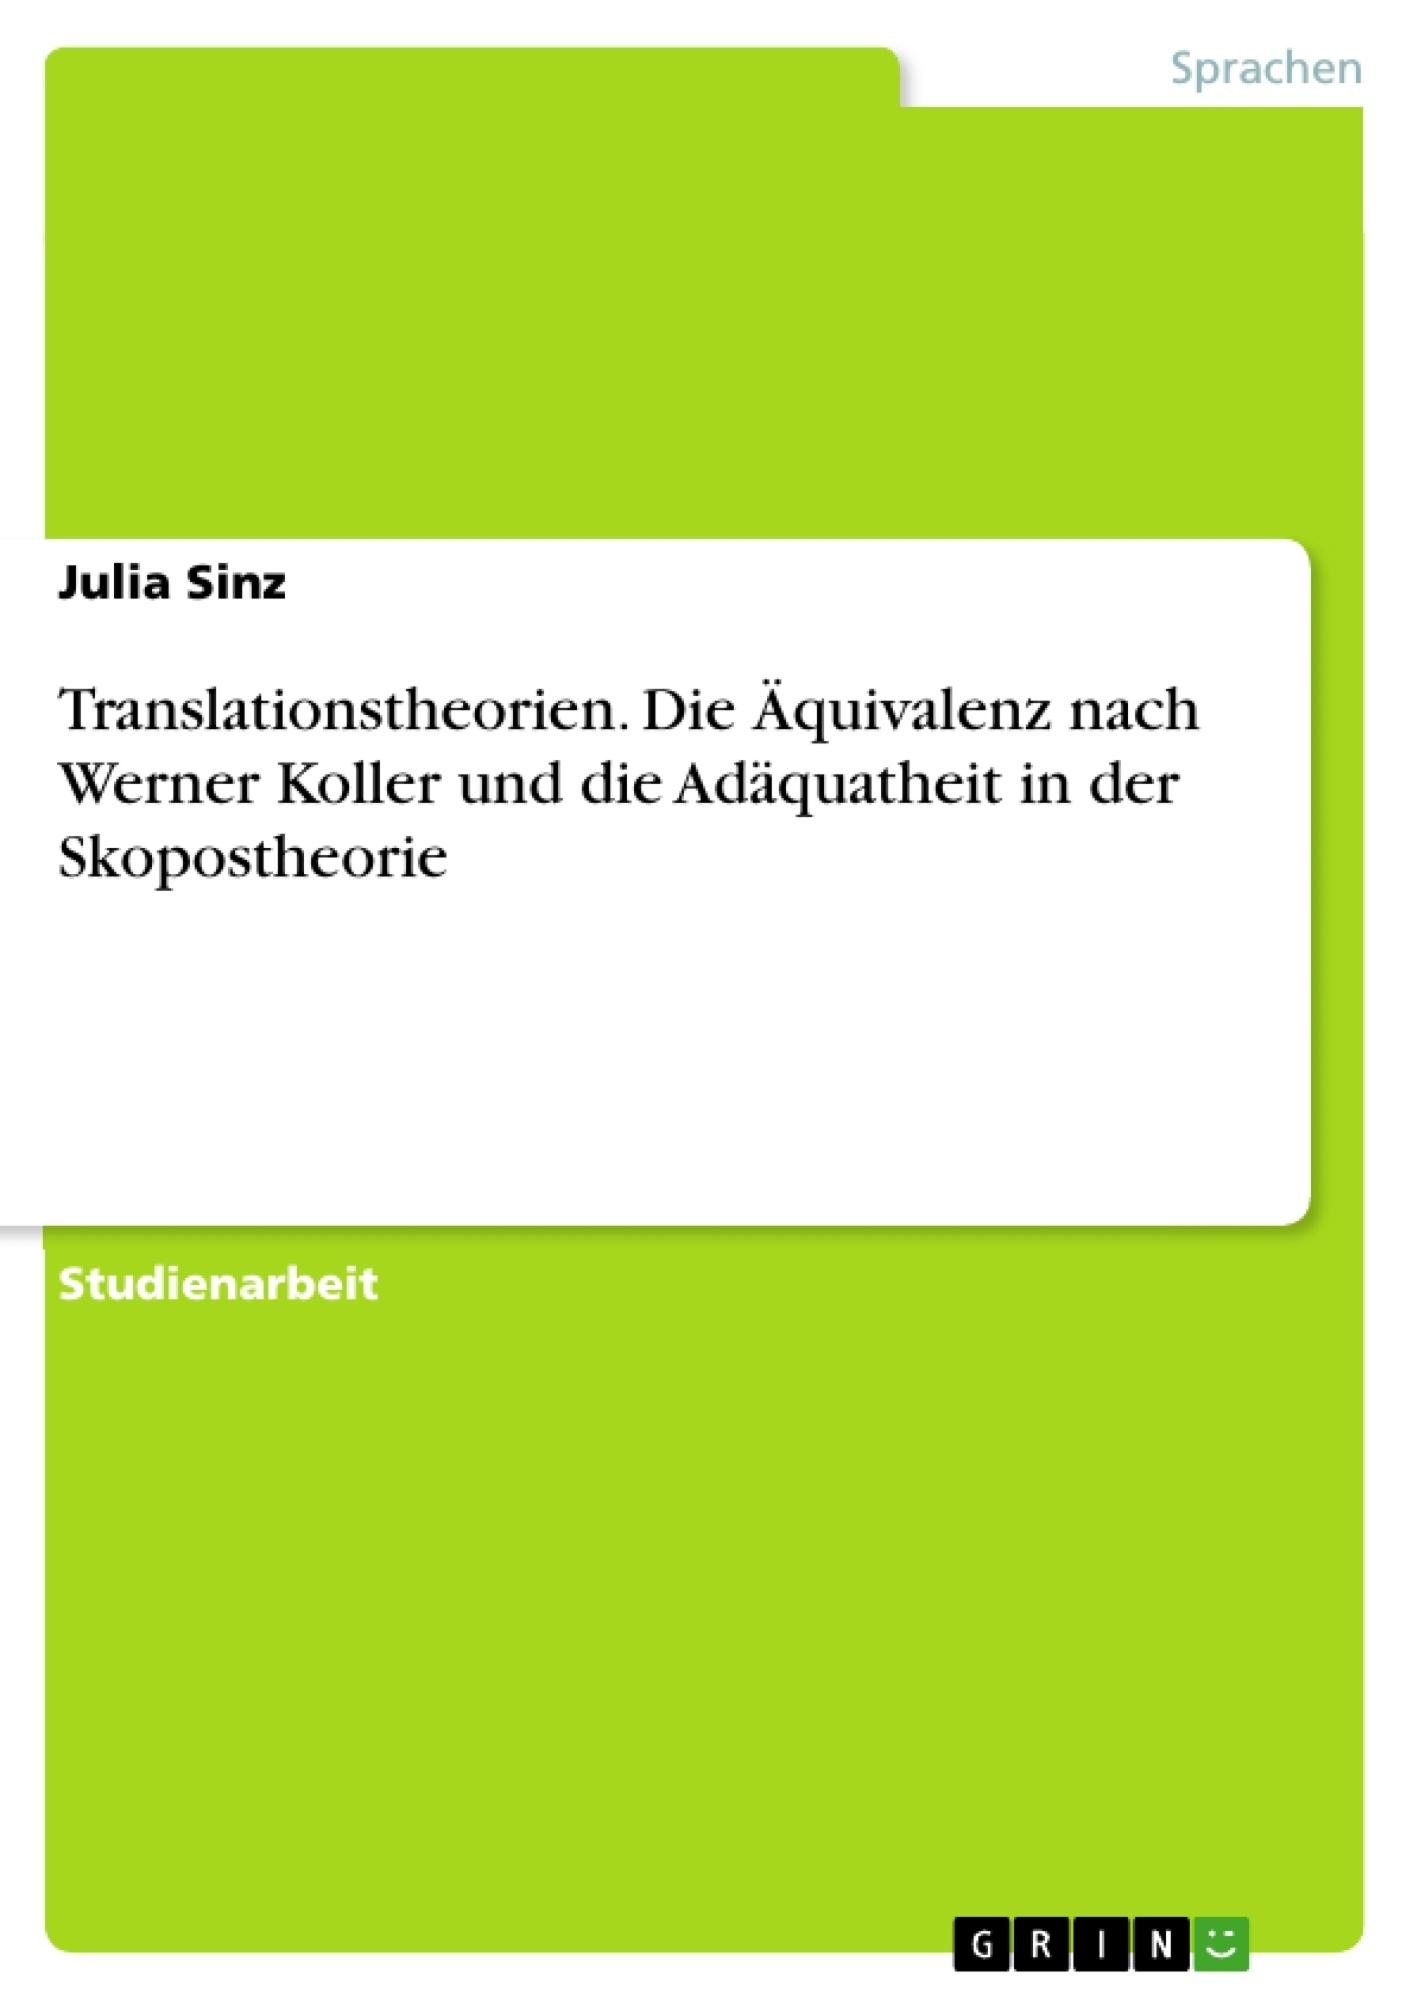 Titel: Translationstheorien. Die Äquivalenz nach Werner Koller und die Adäquatheit in der Skopostheorie